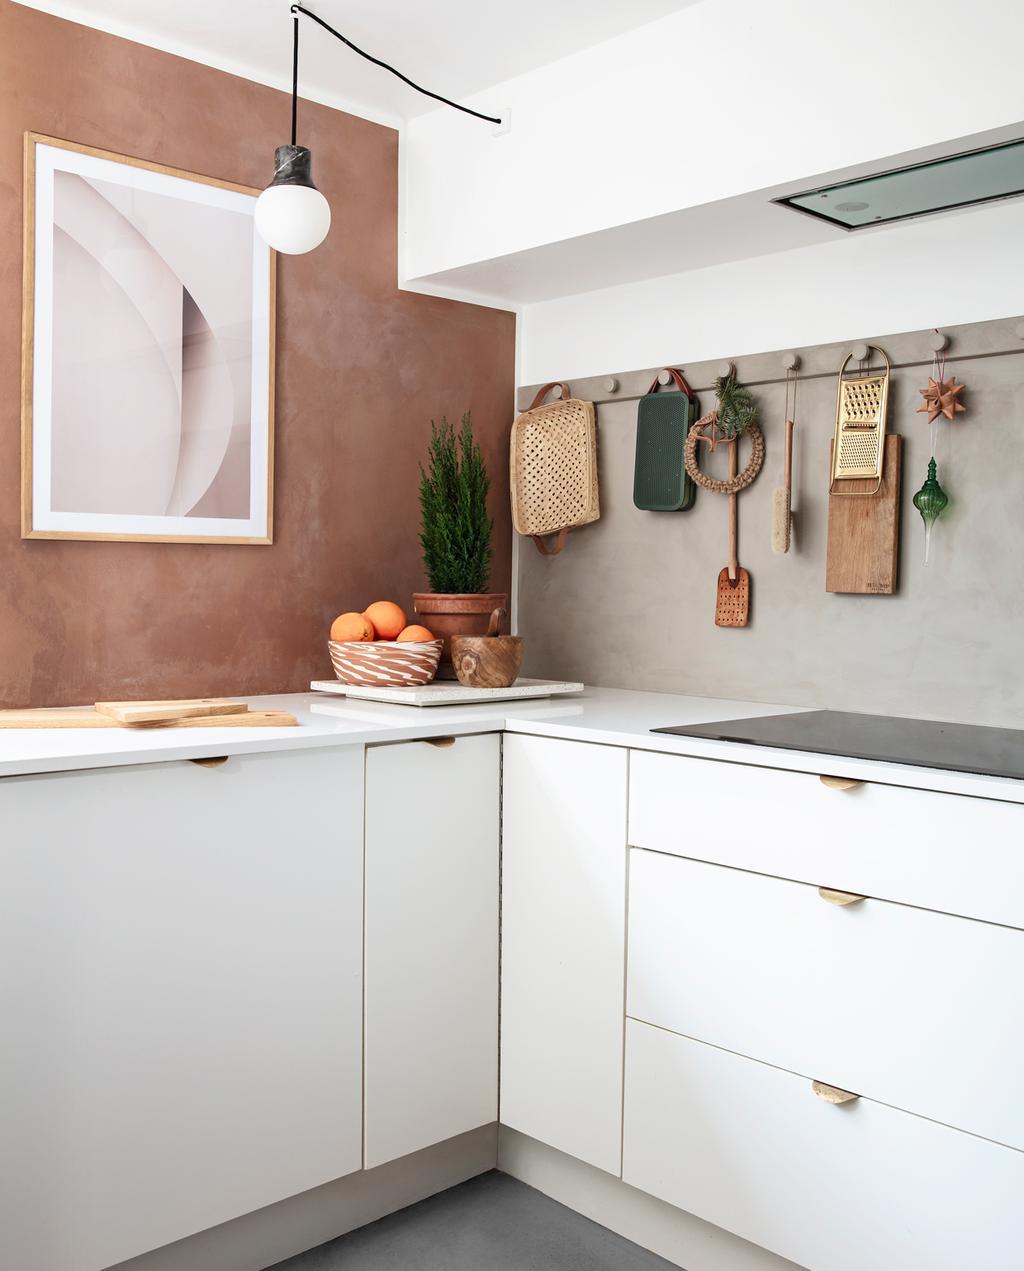 vtwonen 13-2019 | binnenkijken in een bungalow in Kopenhagen keuken